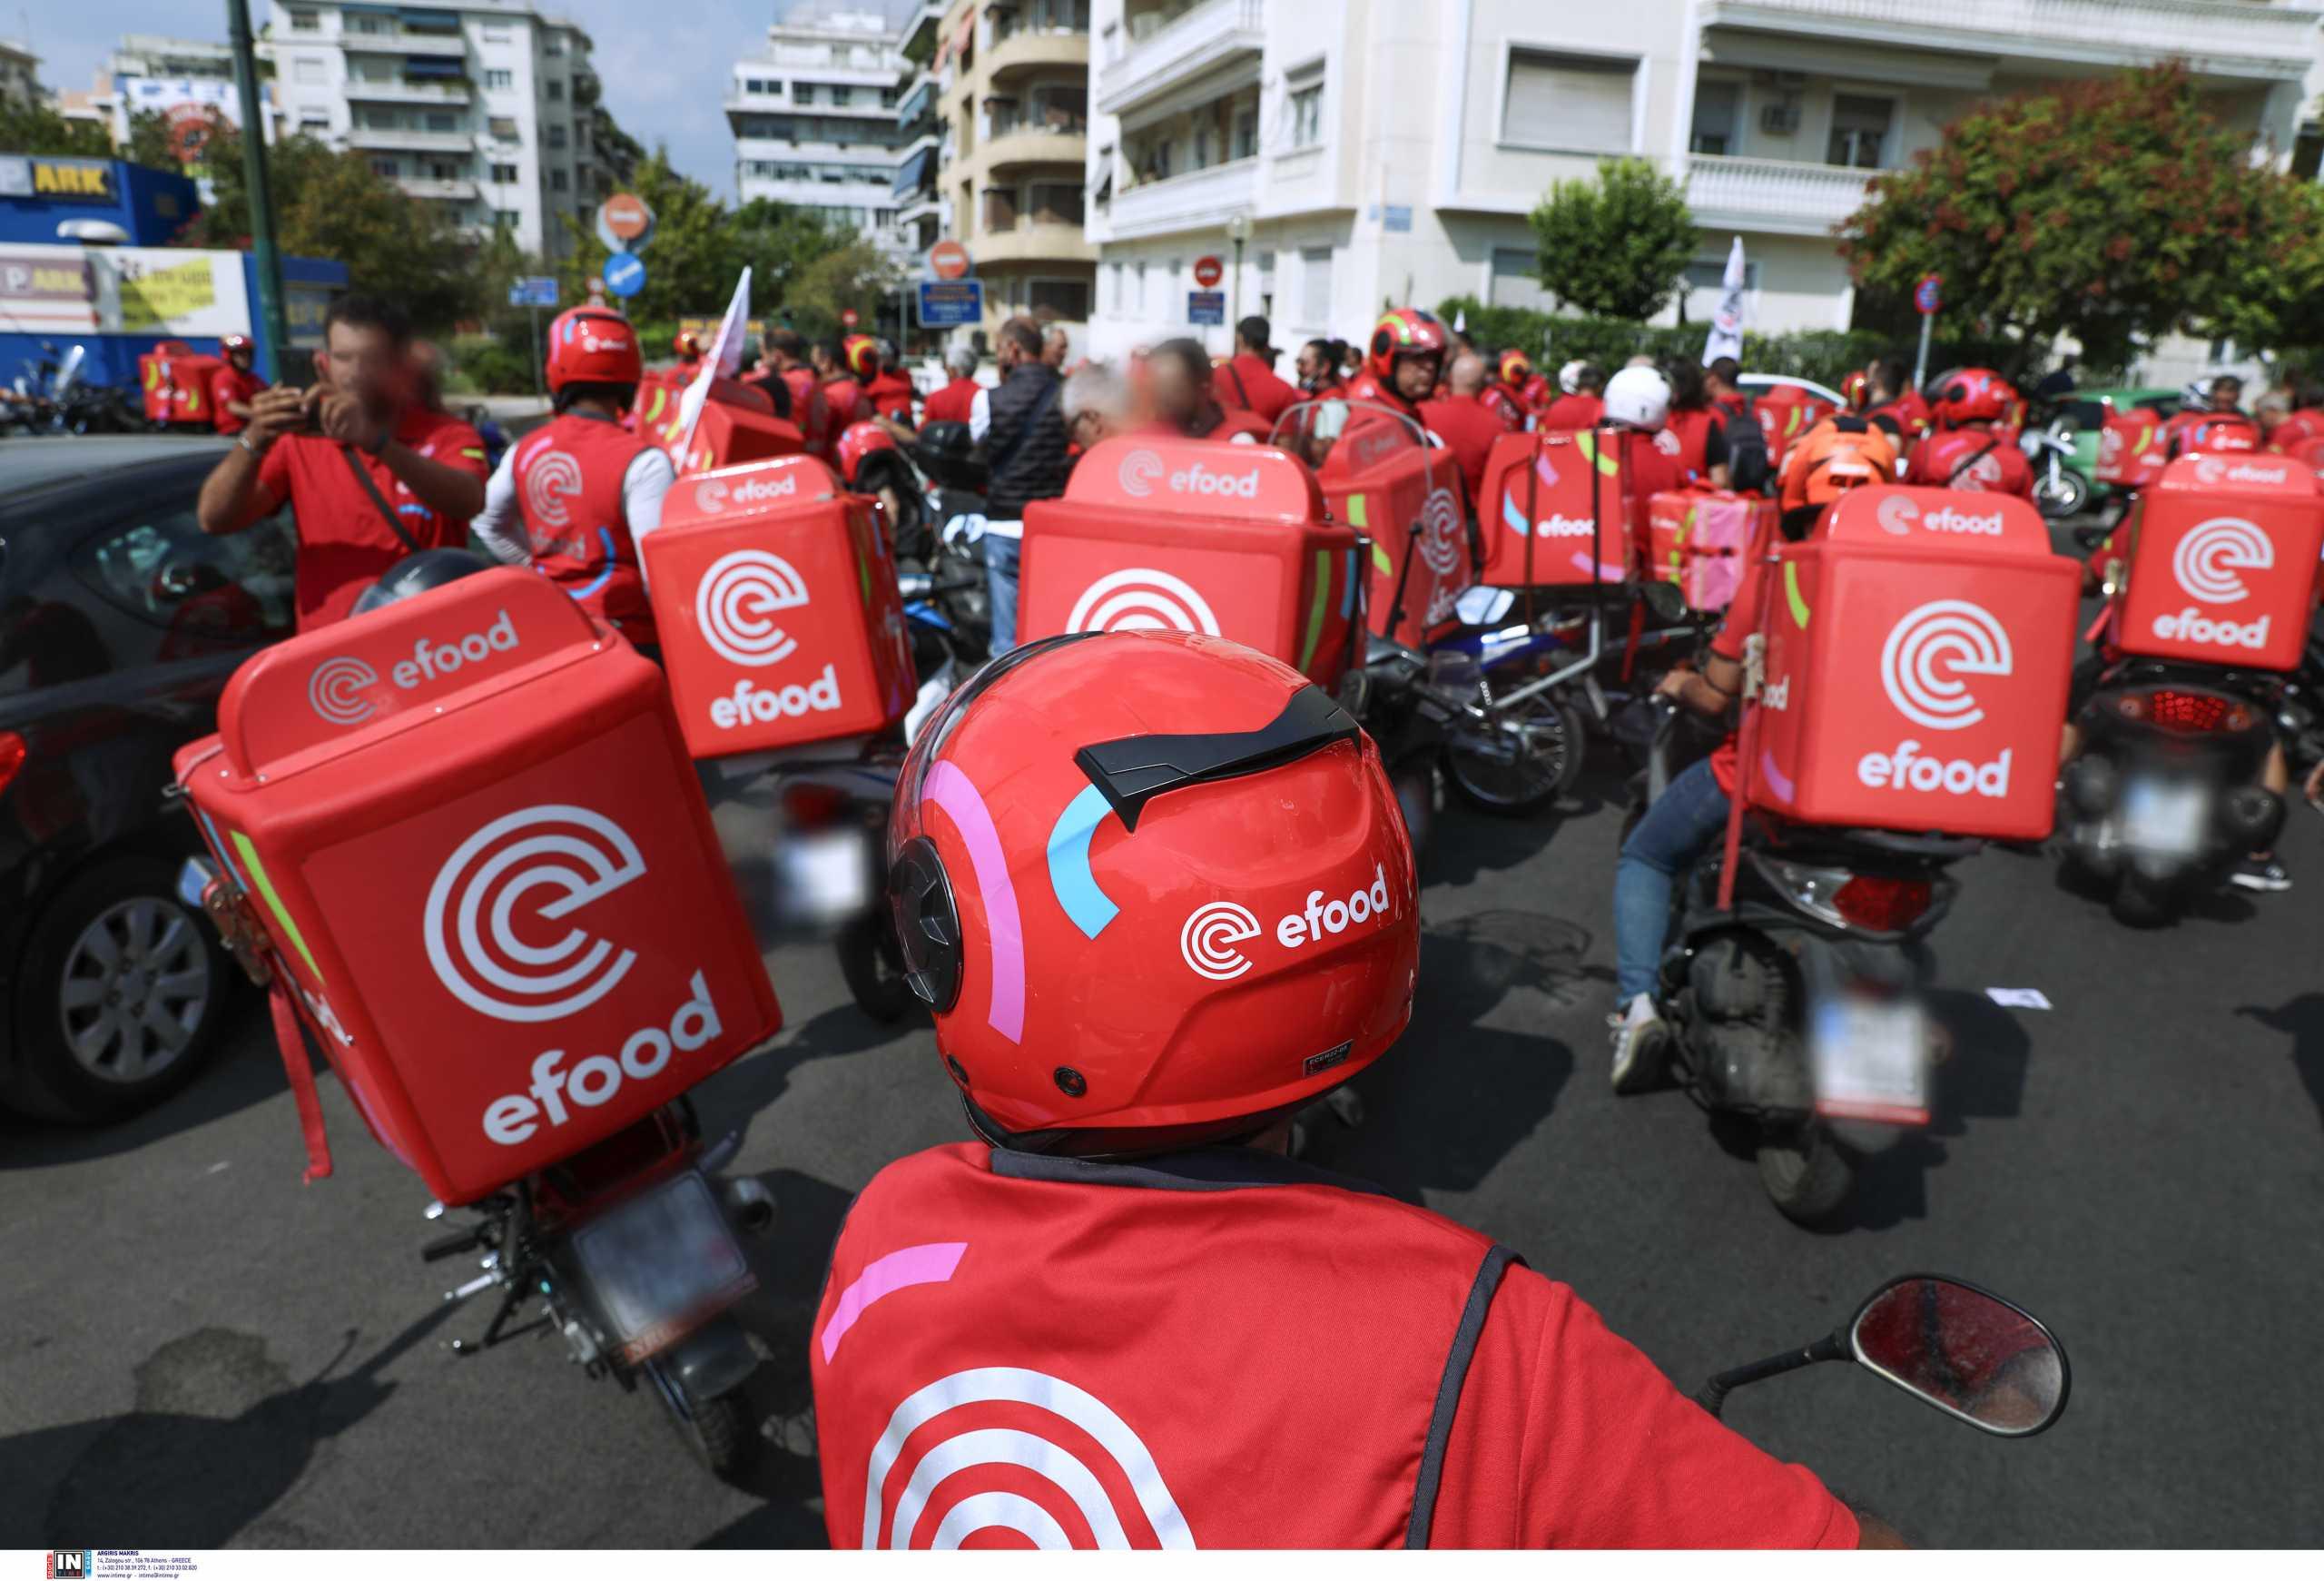 Γέμισε μηχανάκια της efood το κέντρο: Μοτοπορεία στην Αθήνα